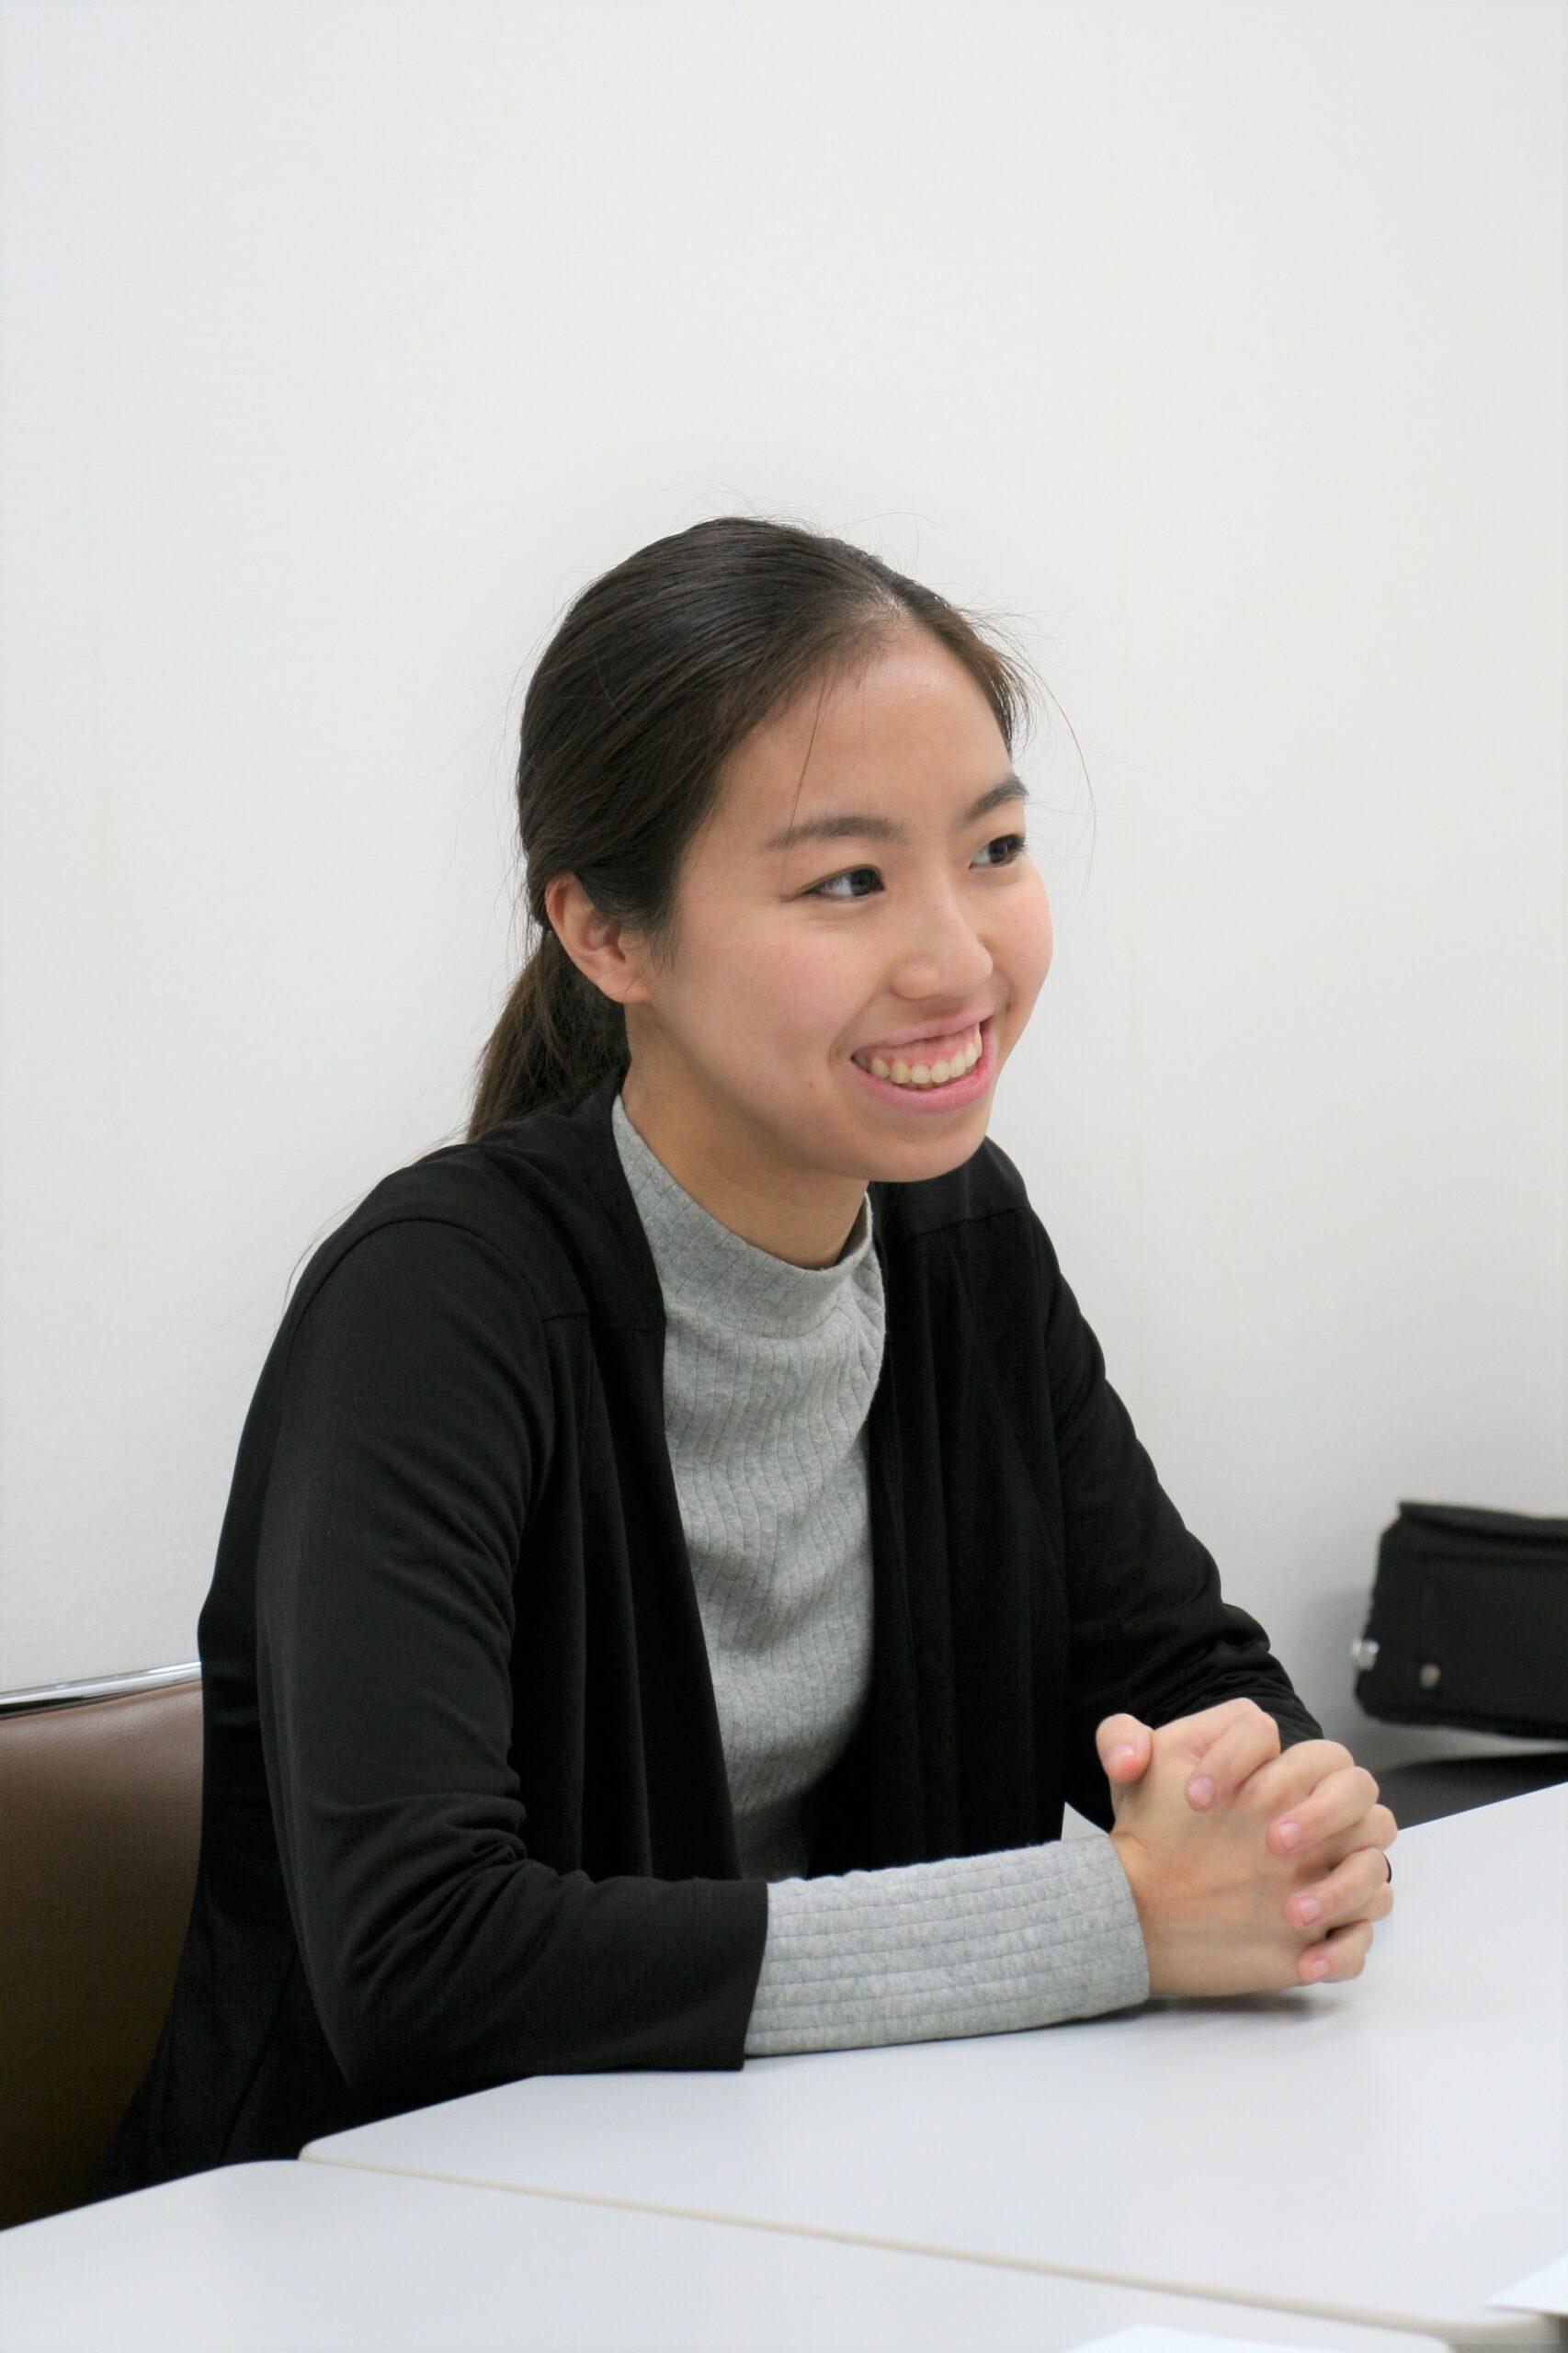 シャノン・リーさんインタビュー(第7回ヴァイオリン部門最高位[第2位])